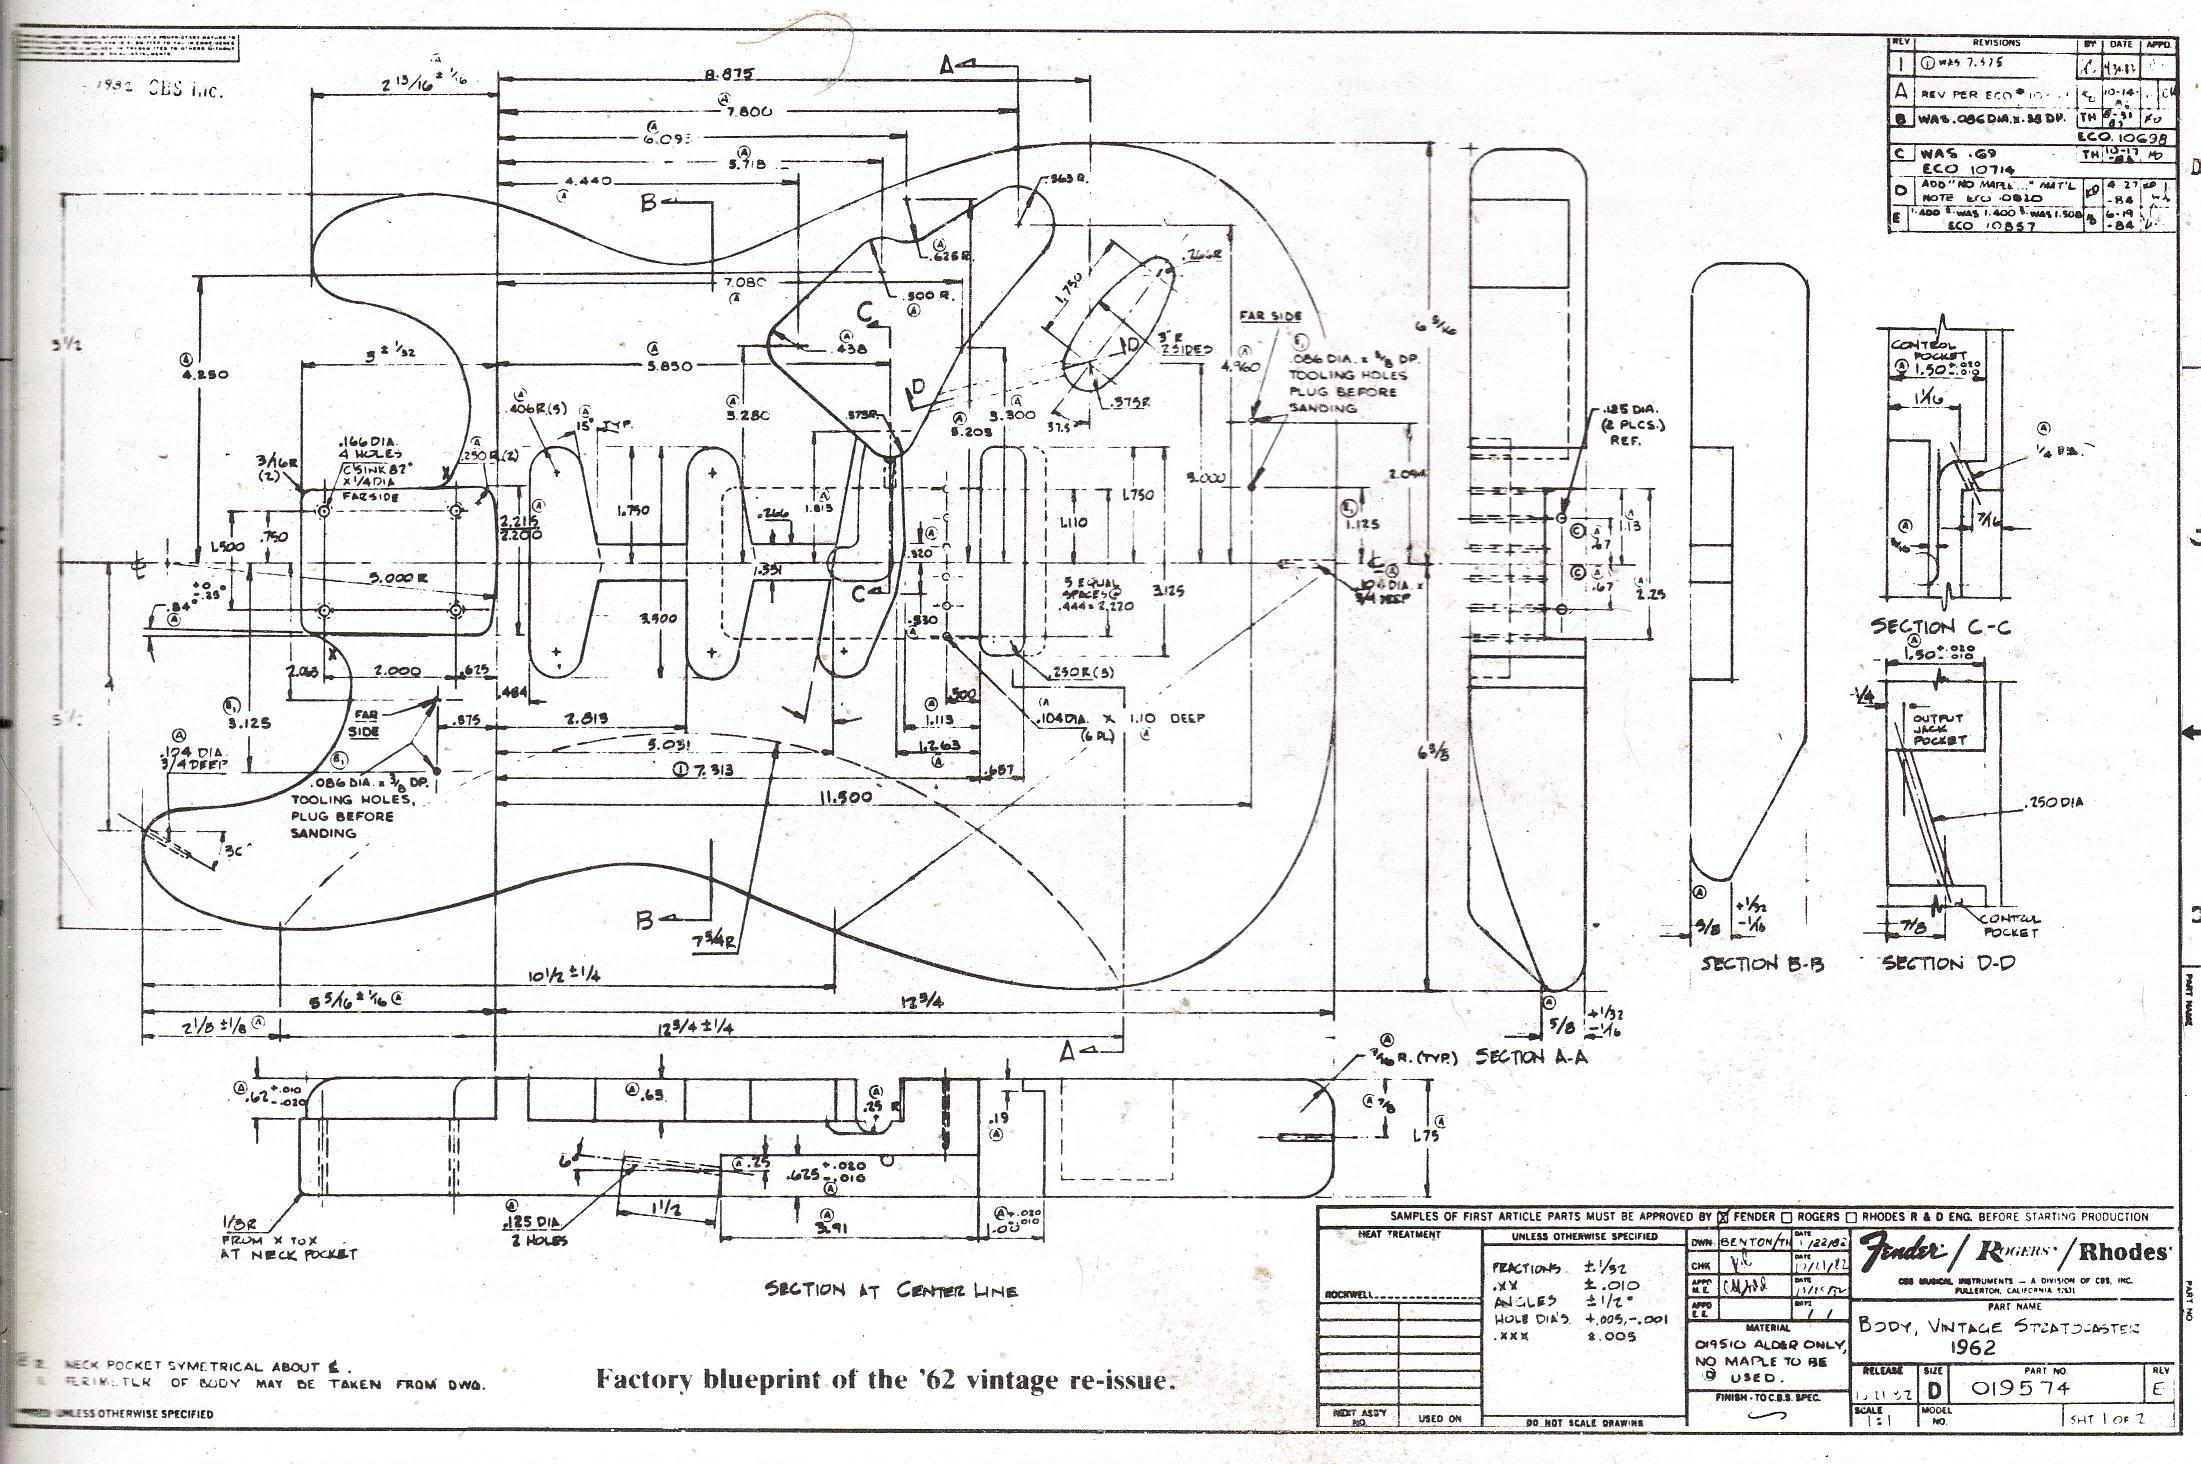 Fender Strat 62 Reissue Blueprint